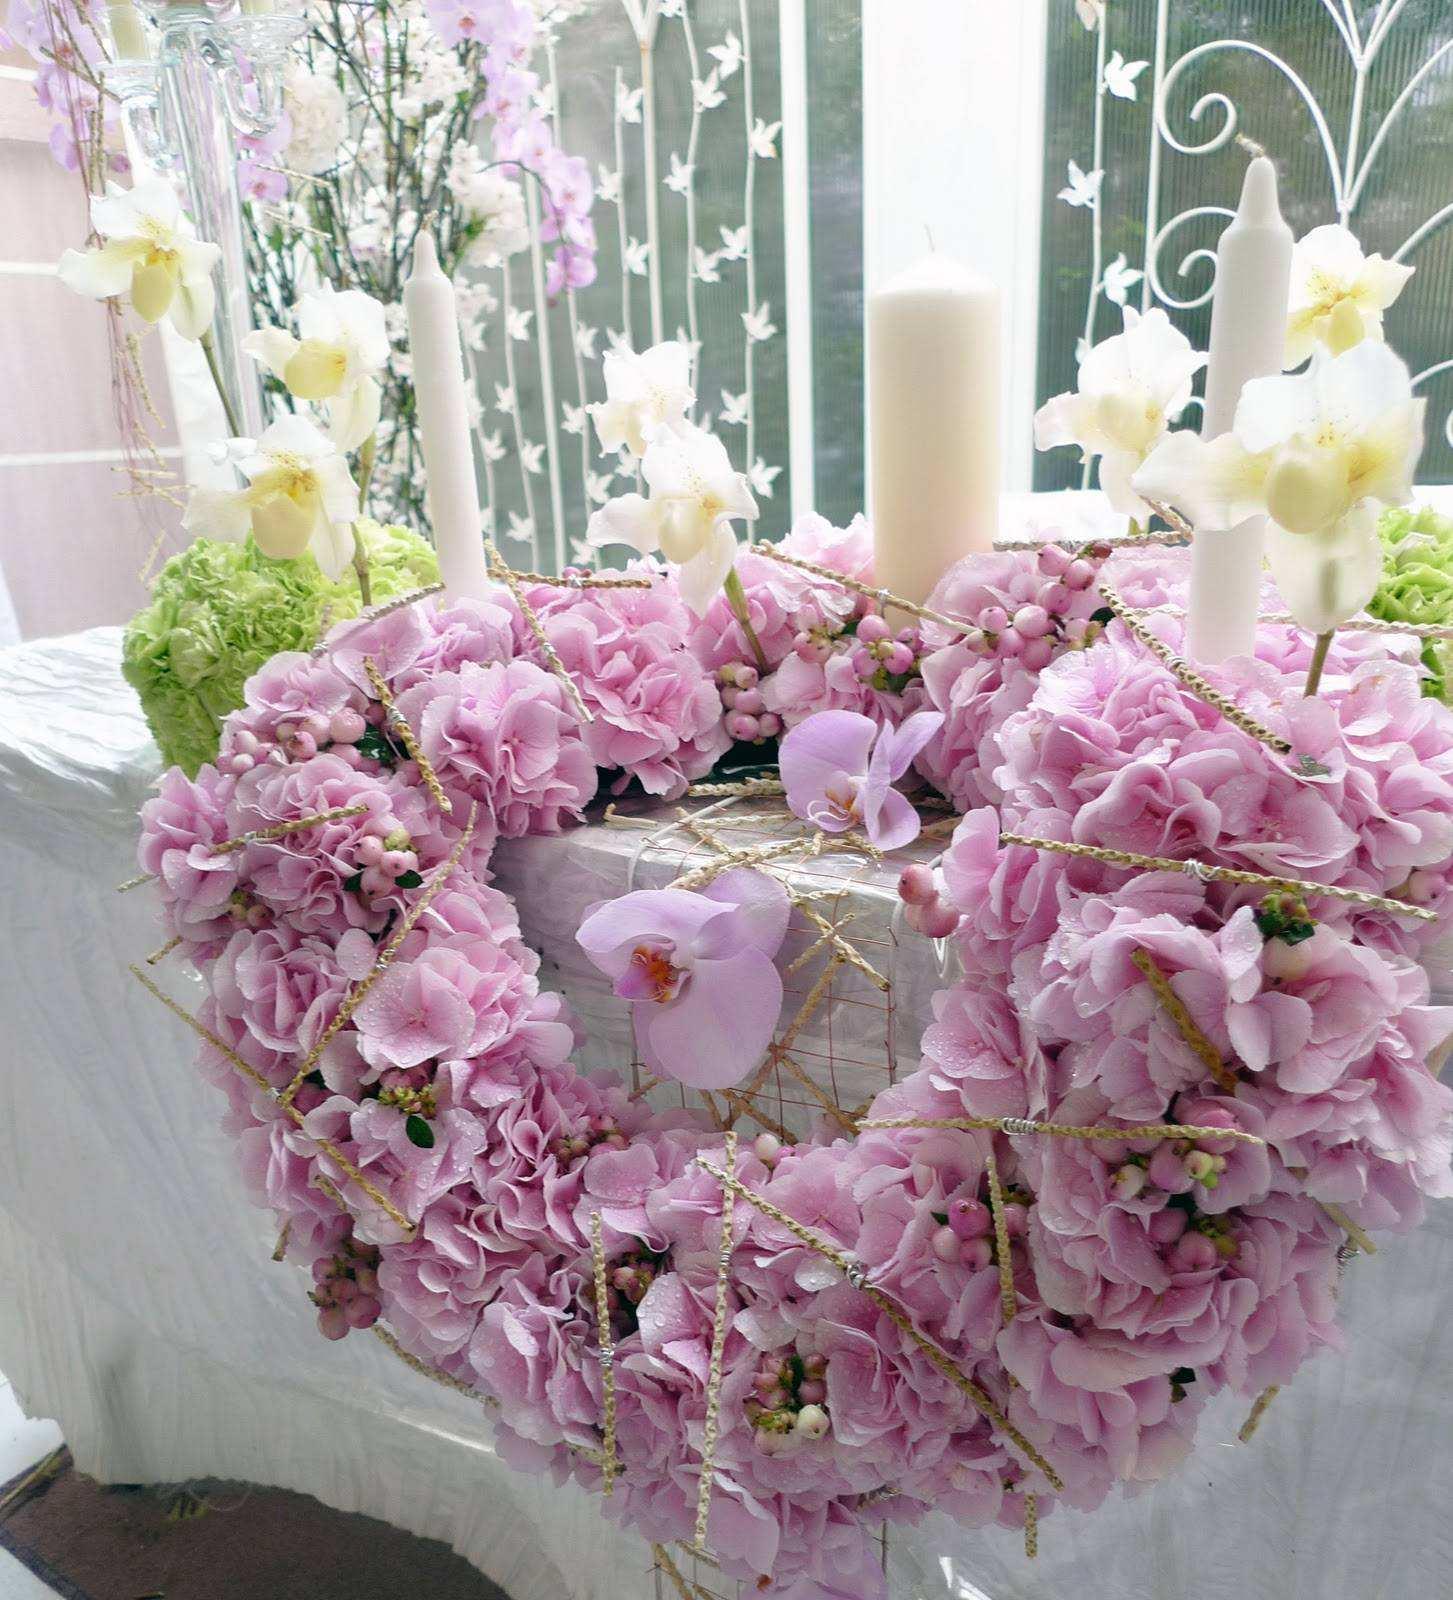 Come scegliere gli addobbi floreali per il matrimonio 3 - Come scegliere gli addobbi floreali per il matrimonio